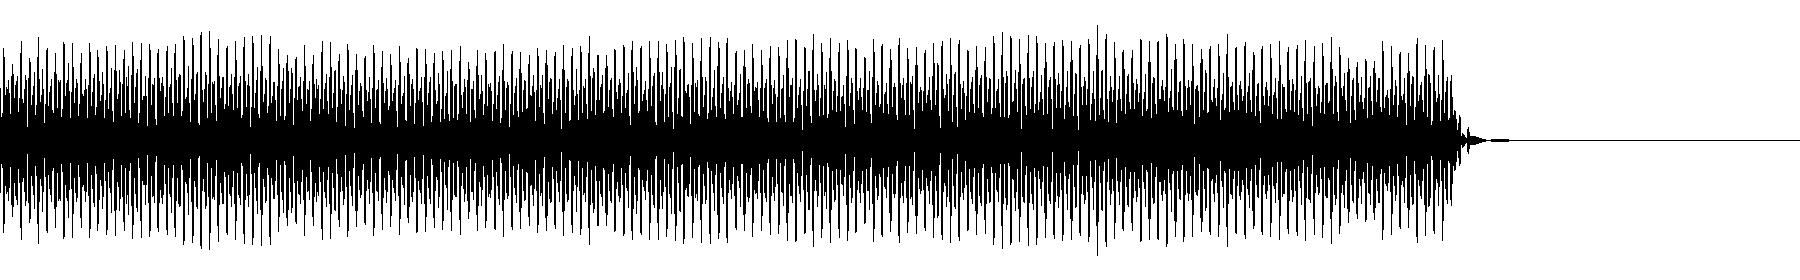 gia sound 31 f4